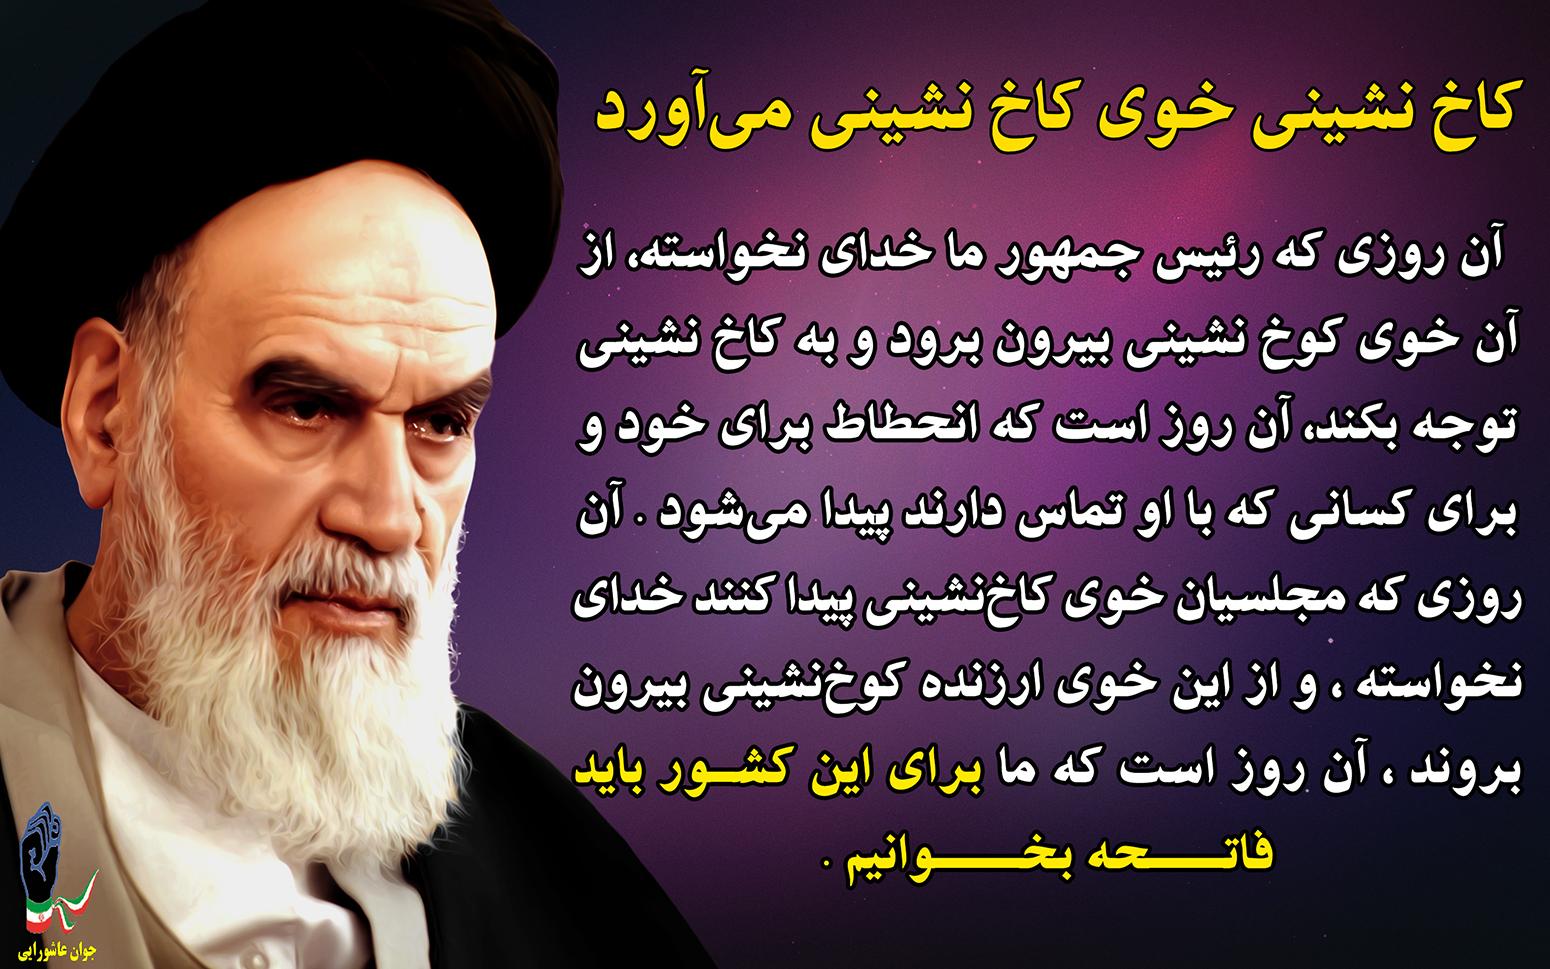 فریاد امام خمینی(ره)